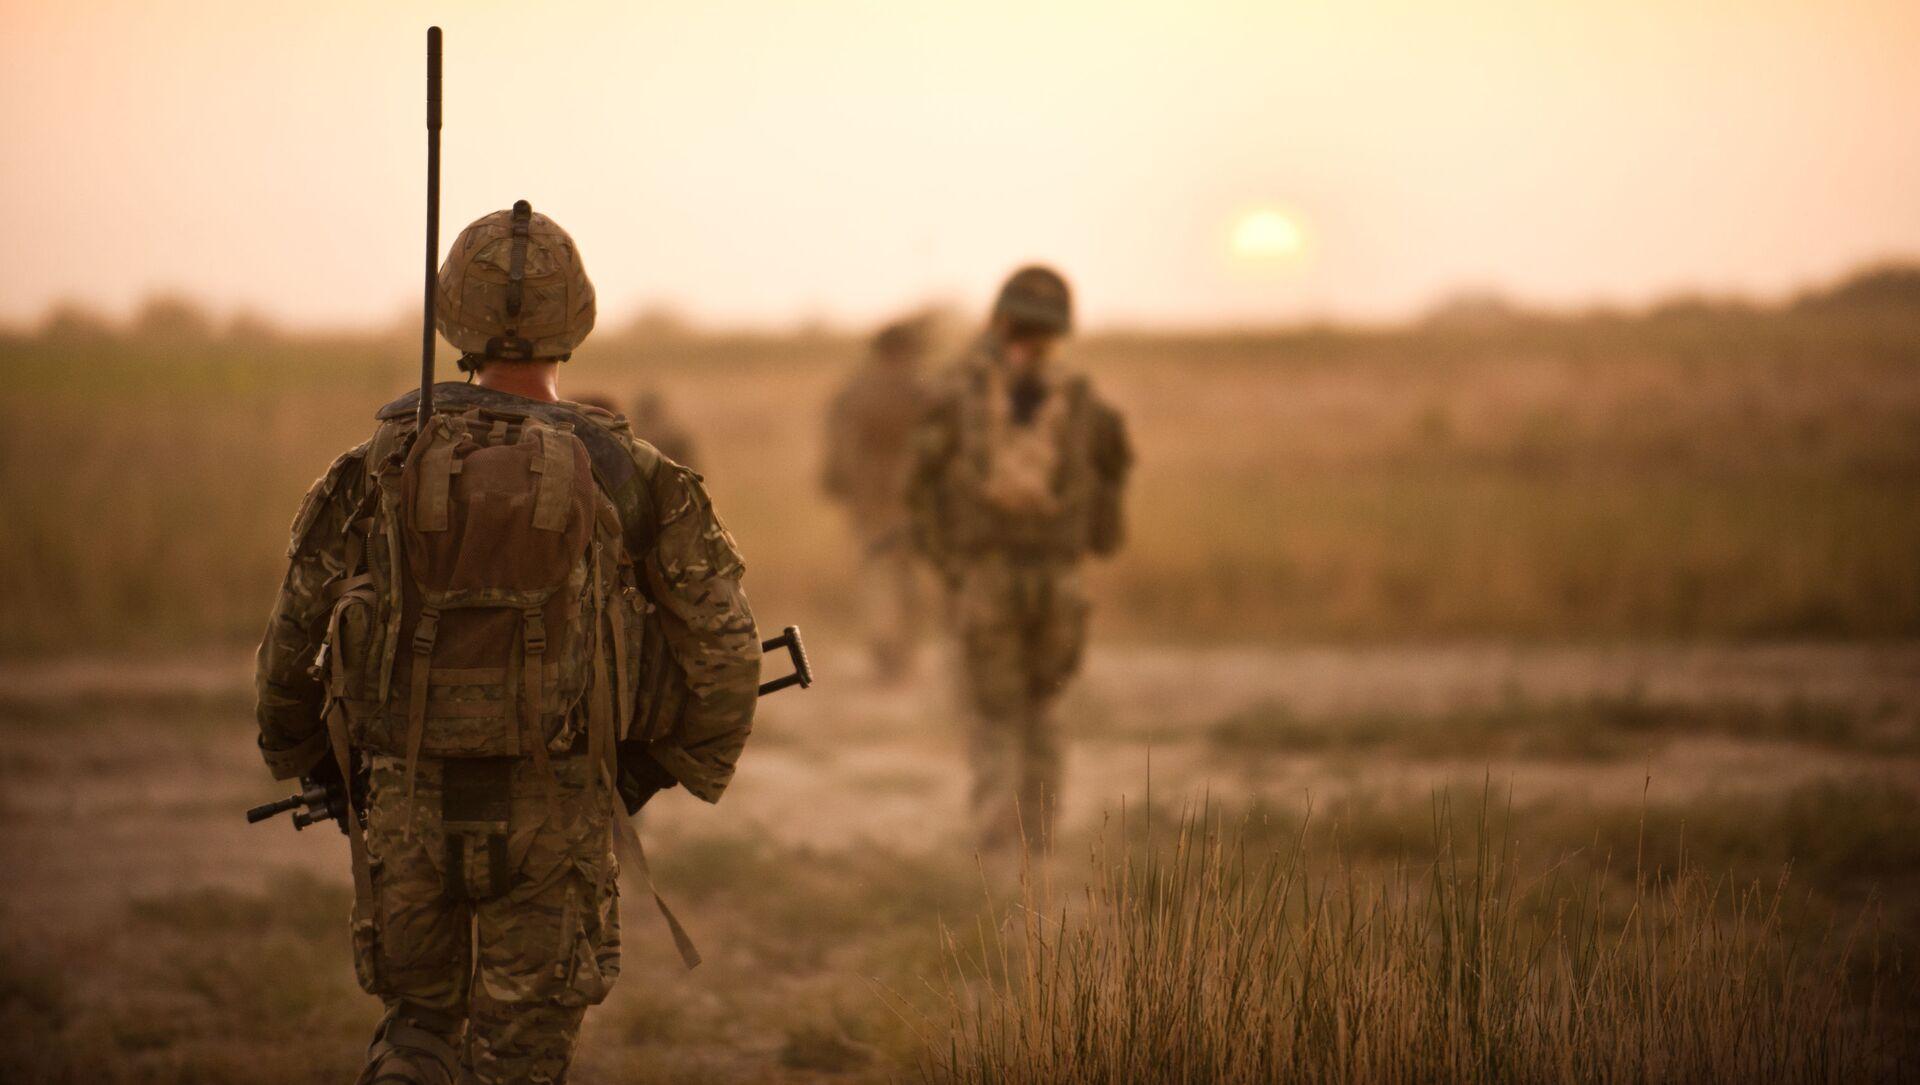 Britští vojáci během hlídkování v Afghánistánu - Sputnik Česká republika, 1920, 14.04.2021